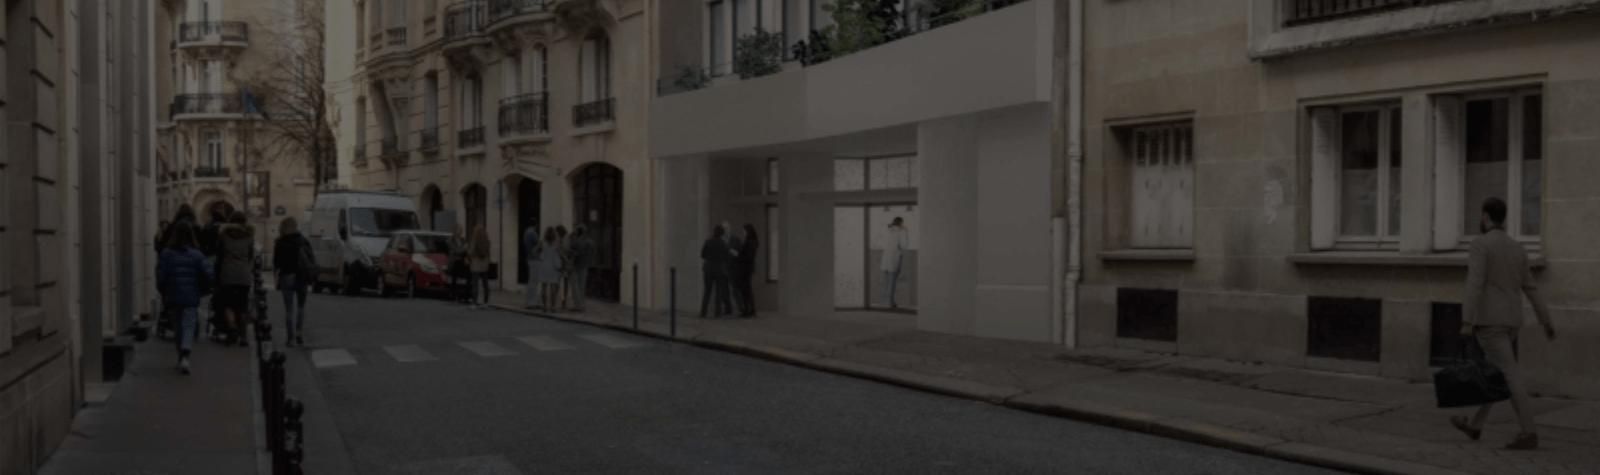 GDG livre le Campus Fleurus à Fineduc Ionis au coeur de la rive gauche de Paris